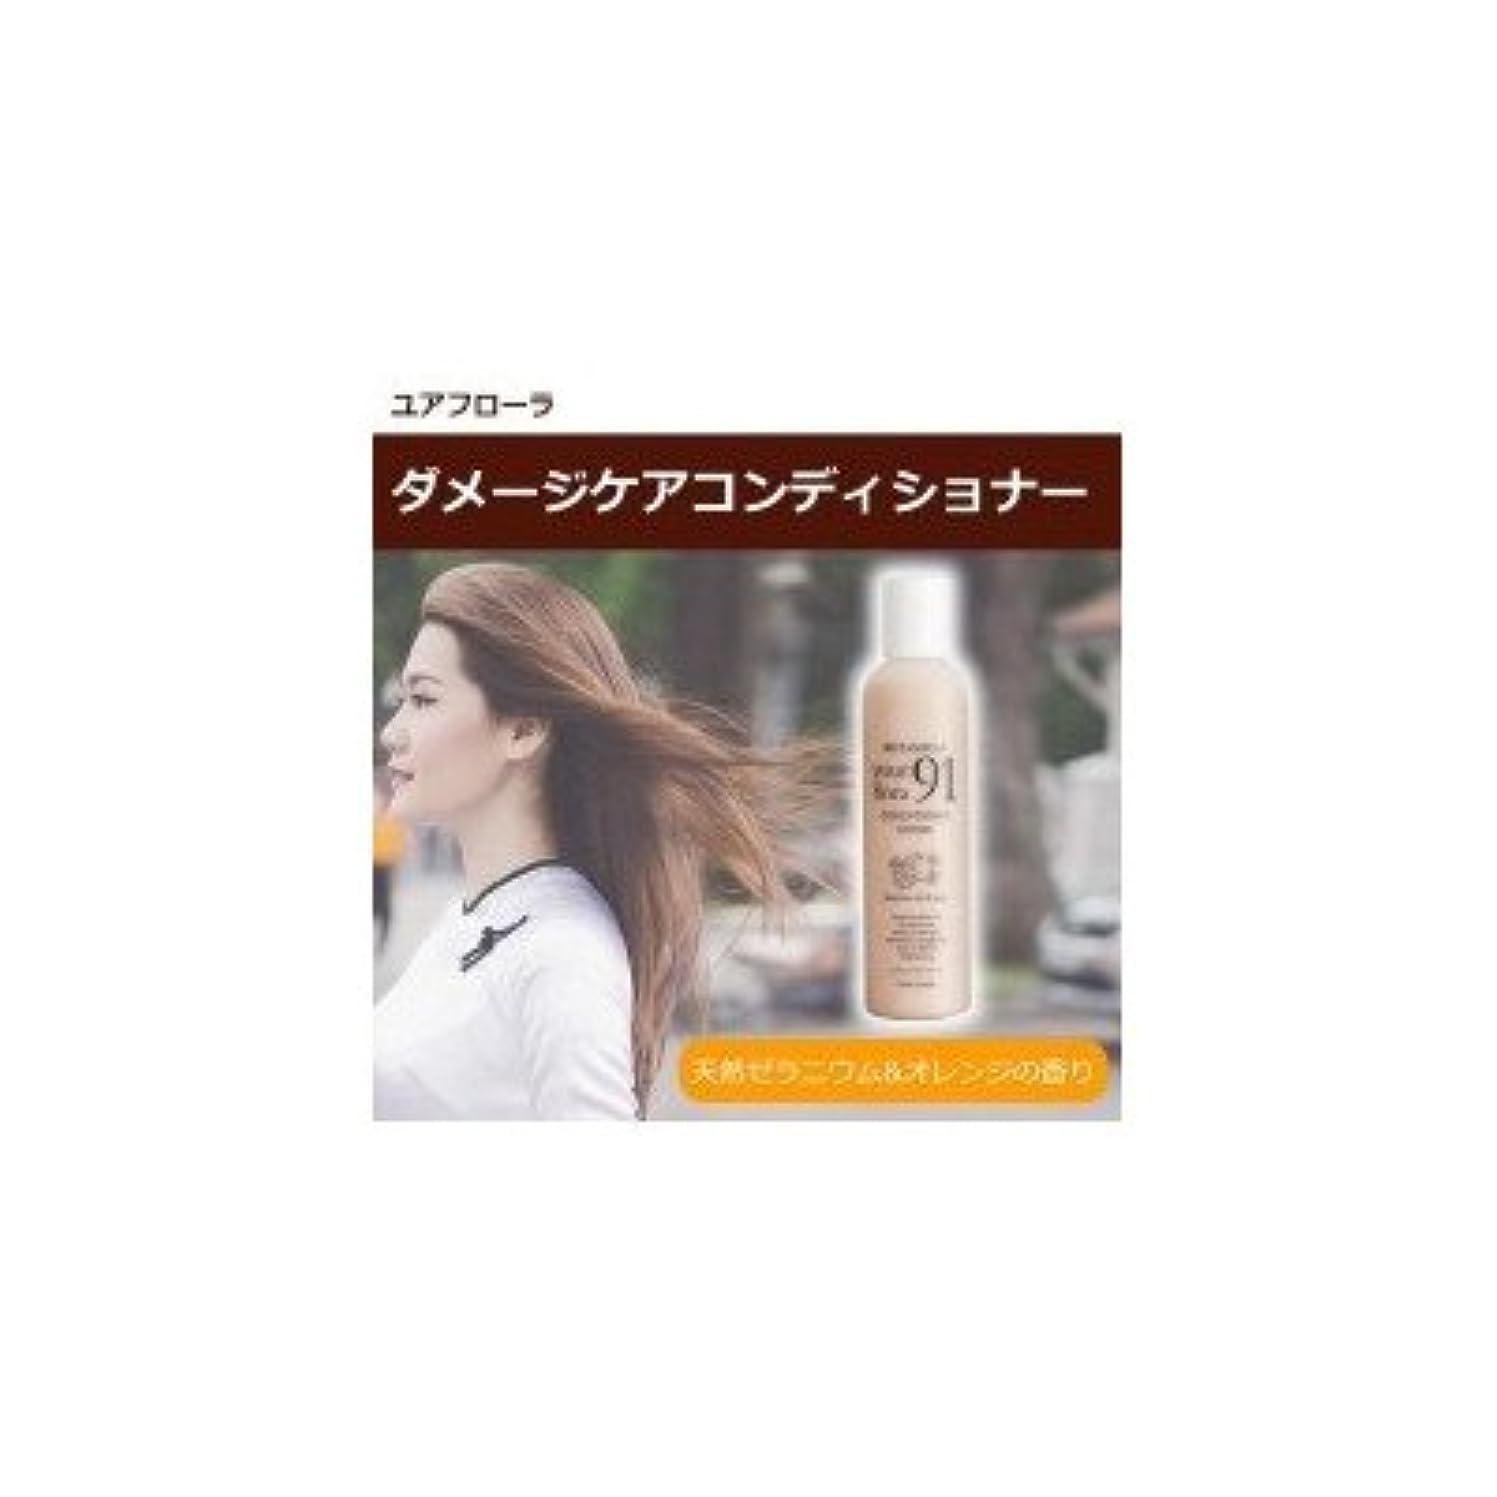 と線マーチャンダイザー植物成分をふんだんに取り入れ 髪にうるおいを与えます ユアフローラ ダメージケアコンディショナー 天然ゼラニウム&オレンジの香り 240ml